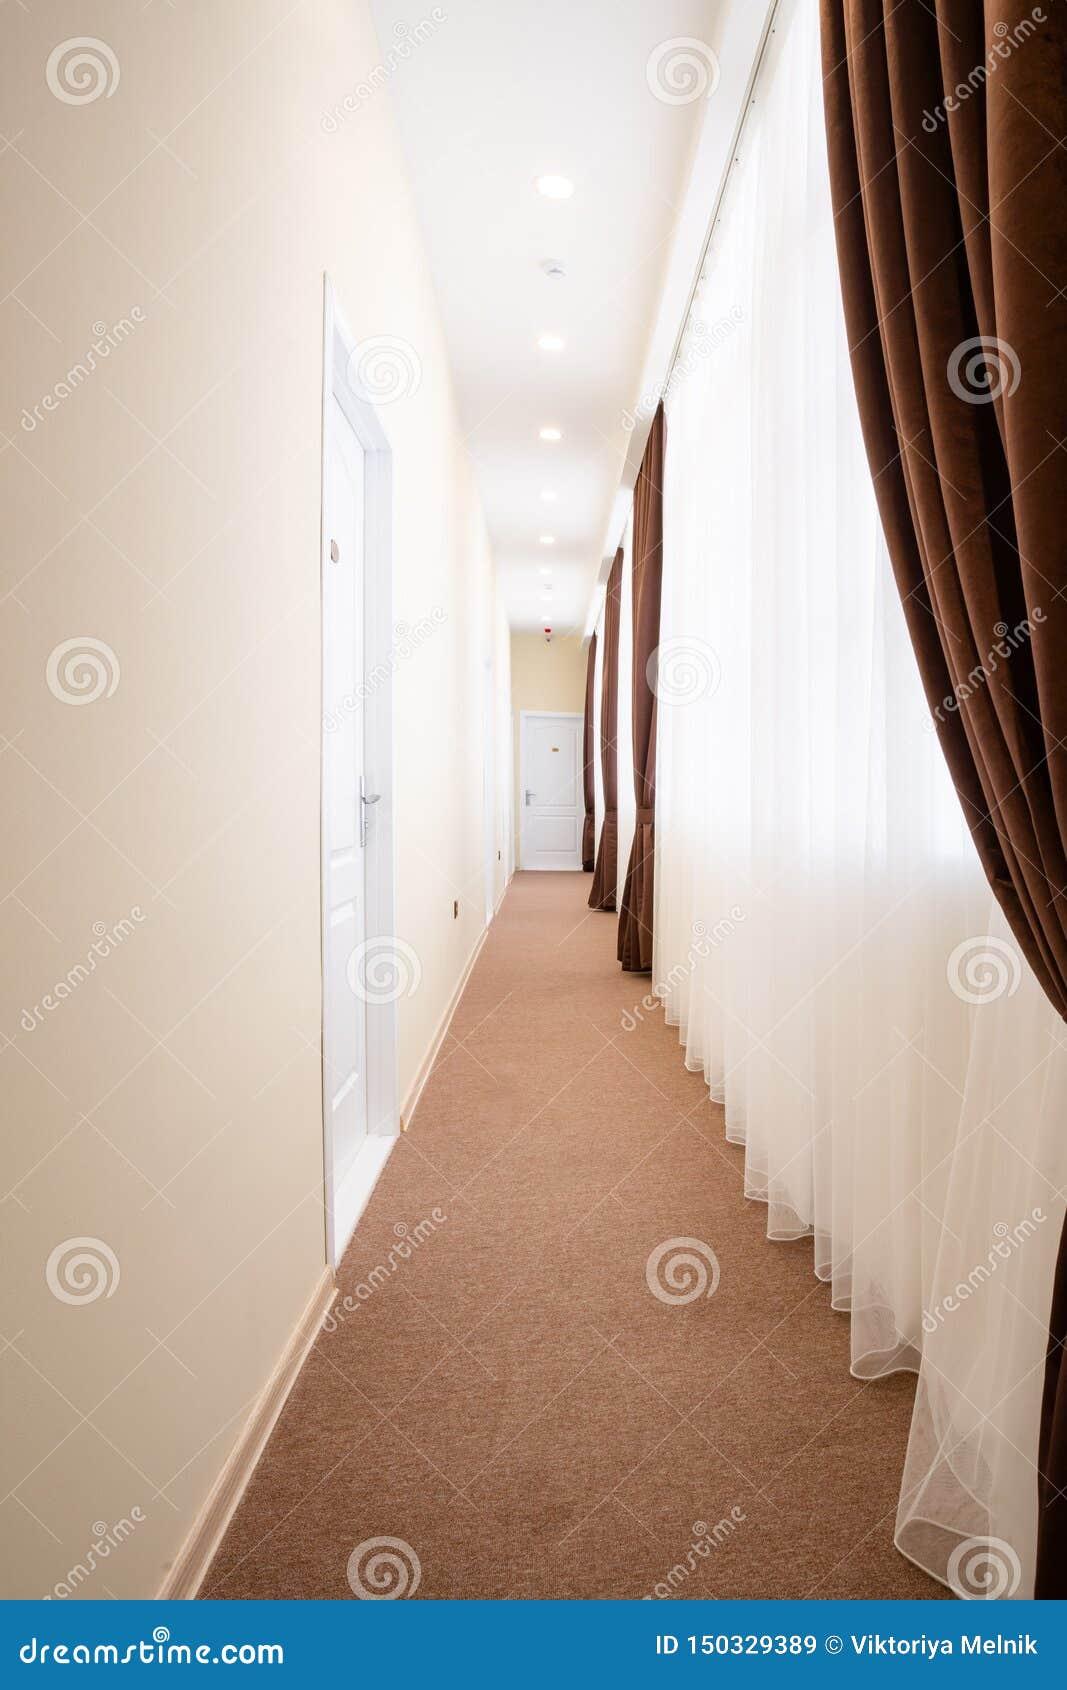 Pasillo brillante con las puertas blancas, la alfombra marrón, las cortinas blancas de Tulle y las cortinas marrones